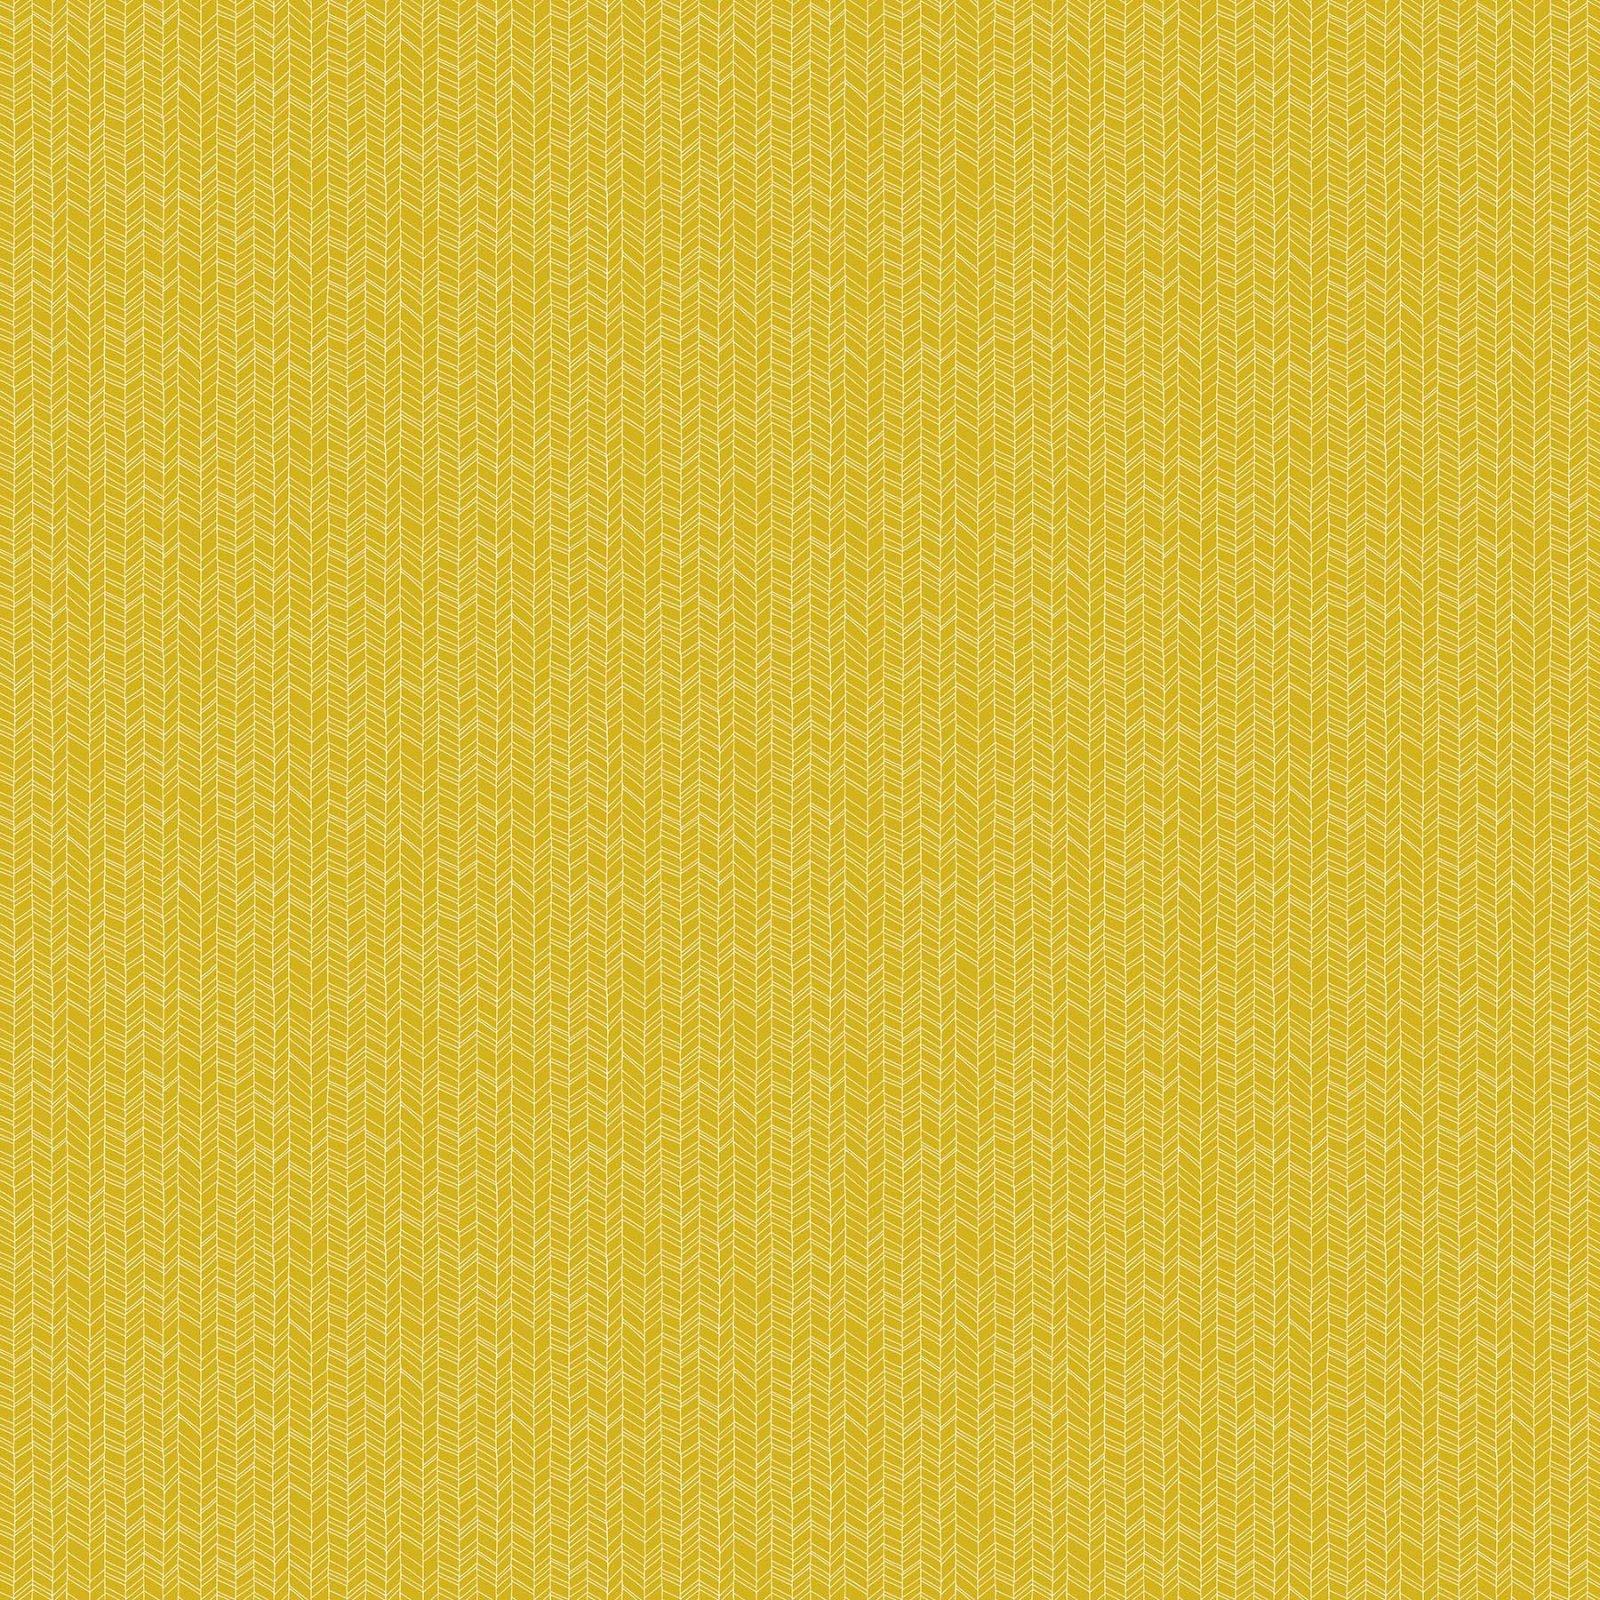 FIGO Fabrics - Mountain Meadows - White on Gold - 90007-53